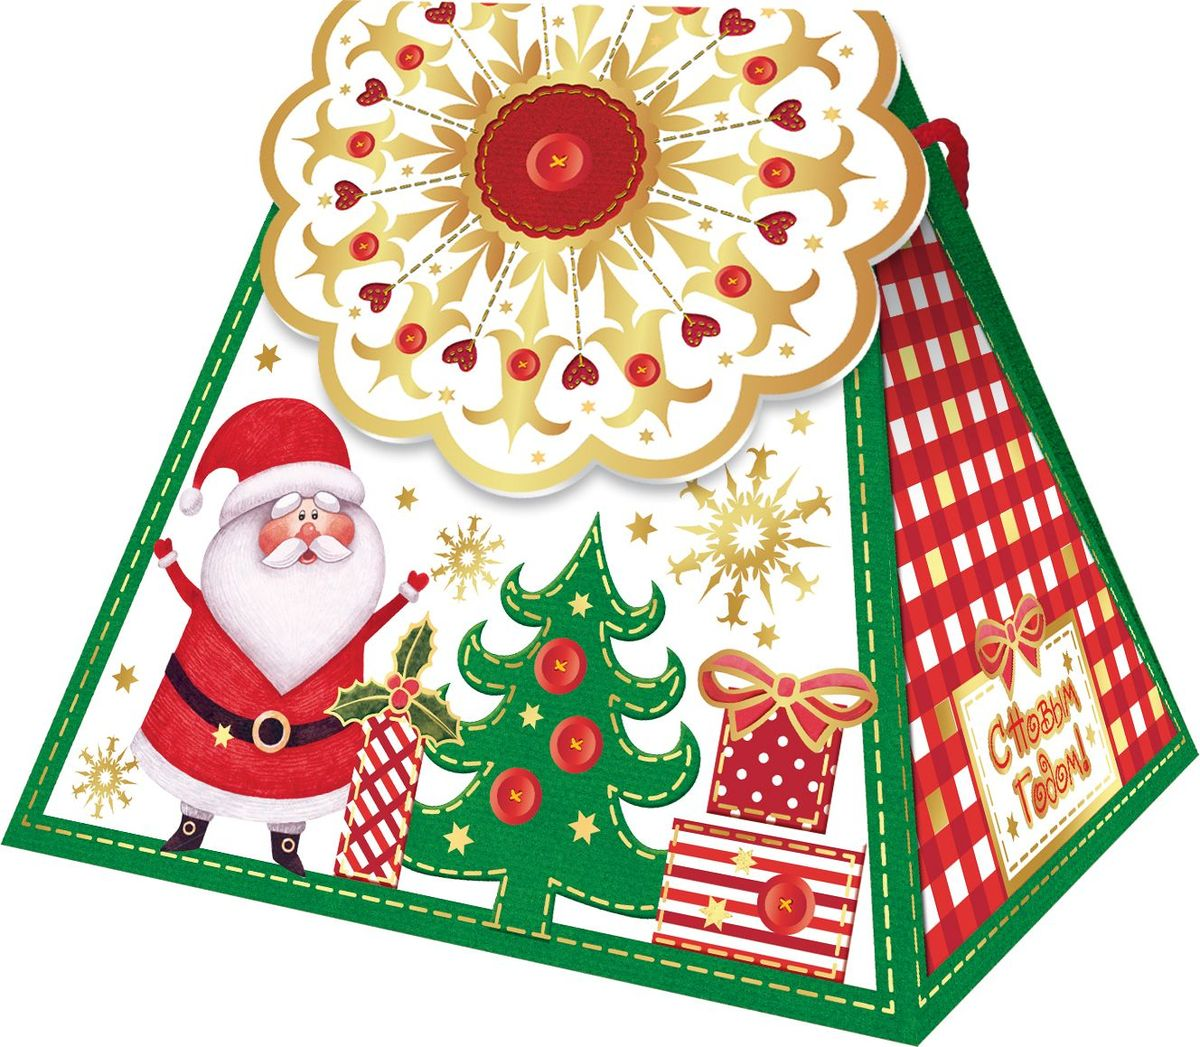 Сладкий новогодний подарок Сумочка-снежинка, 500 г1547Новогодние подарки в картонной упаковке считаются самыми популярными для поздравления детей в детских садах и школах, и с каждым годом остаются лидерами продаж. Сладкий Новогодний подарок  Сумочка-снежинка  500 гр. очарует любого малыша своей яркой, разноцветной упаковкой, а прекрасно подобранный состав кондитерских изделий от самых известных производителей позволит в полной мере насладиться праздником. Прекрасный вариант поздравления детей на утренниках в детских садах и школахУважаемые клиенты! Обращаем ваше внимание на возможные изменения в дизайне упаковки. Качественные характеристики товара остаются неизменными. Поставка осуществляется в зависимости от наличия на складе.